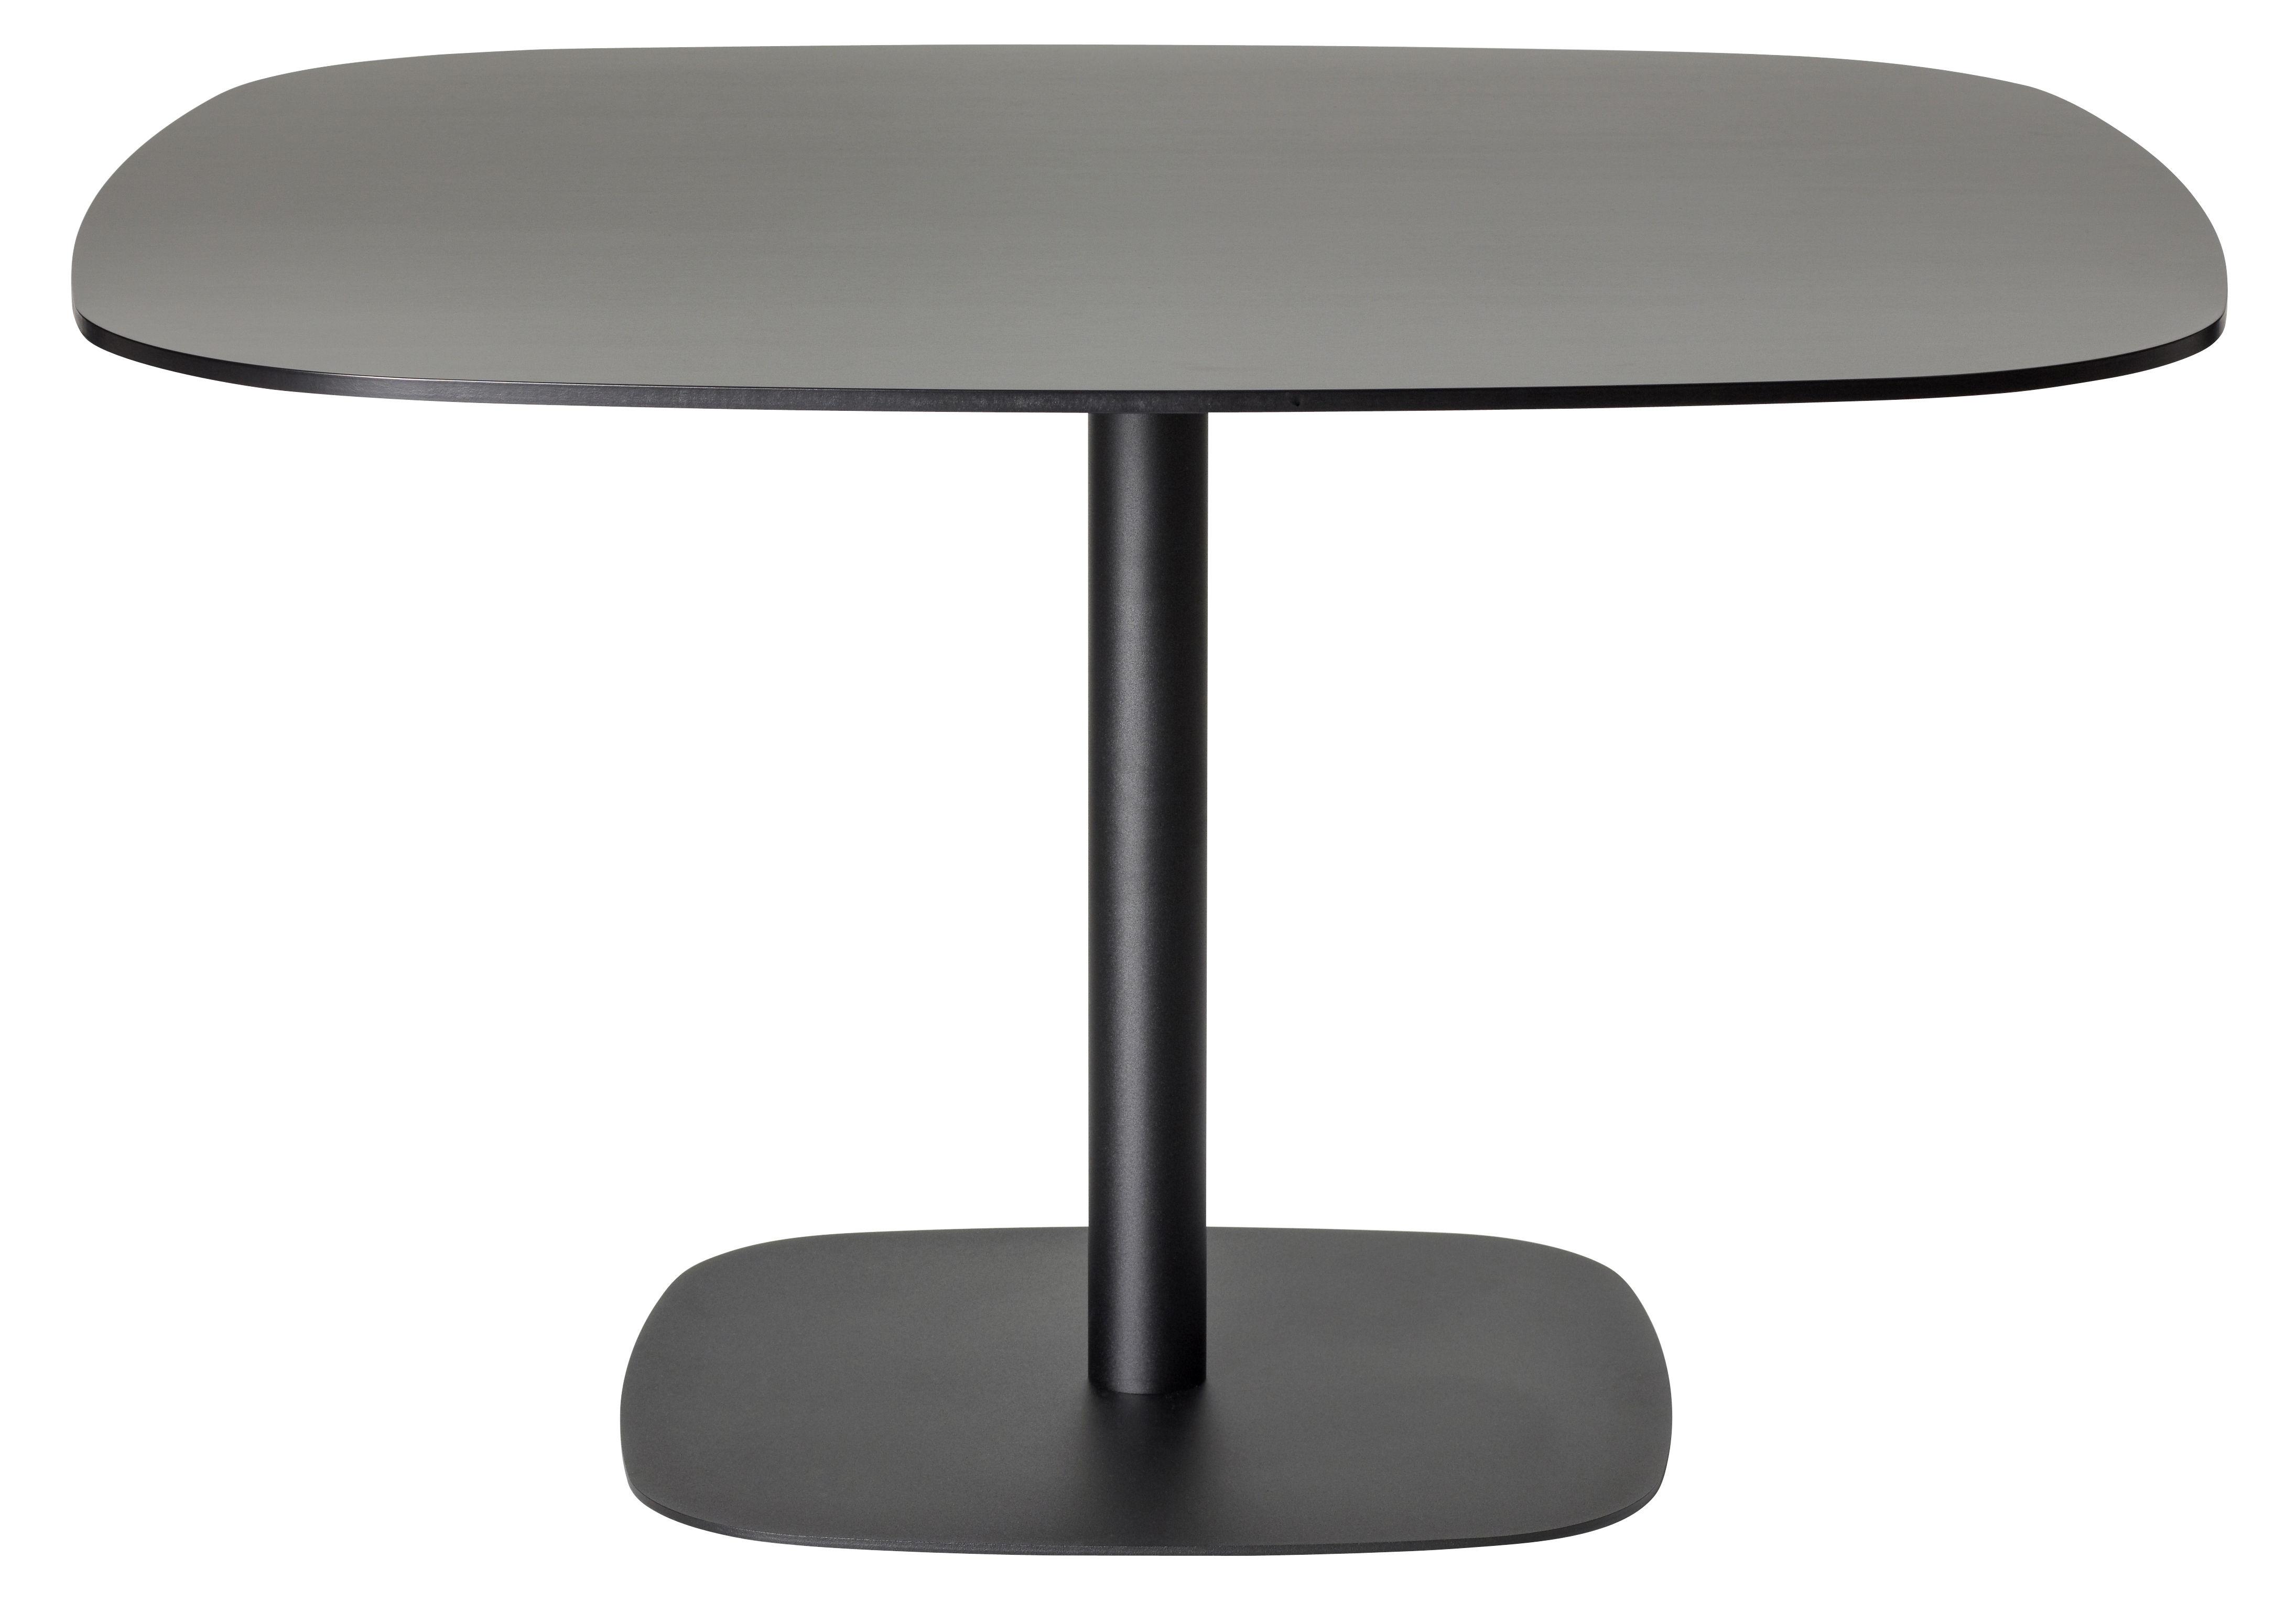 Mobilier - Tables - Table Nobis / 90x90 cm - Offecct - Noir - 90x90 cm - Contreplaqué compact, Métal laqué